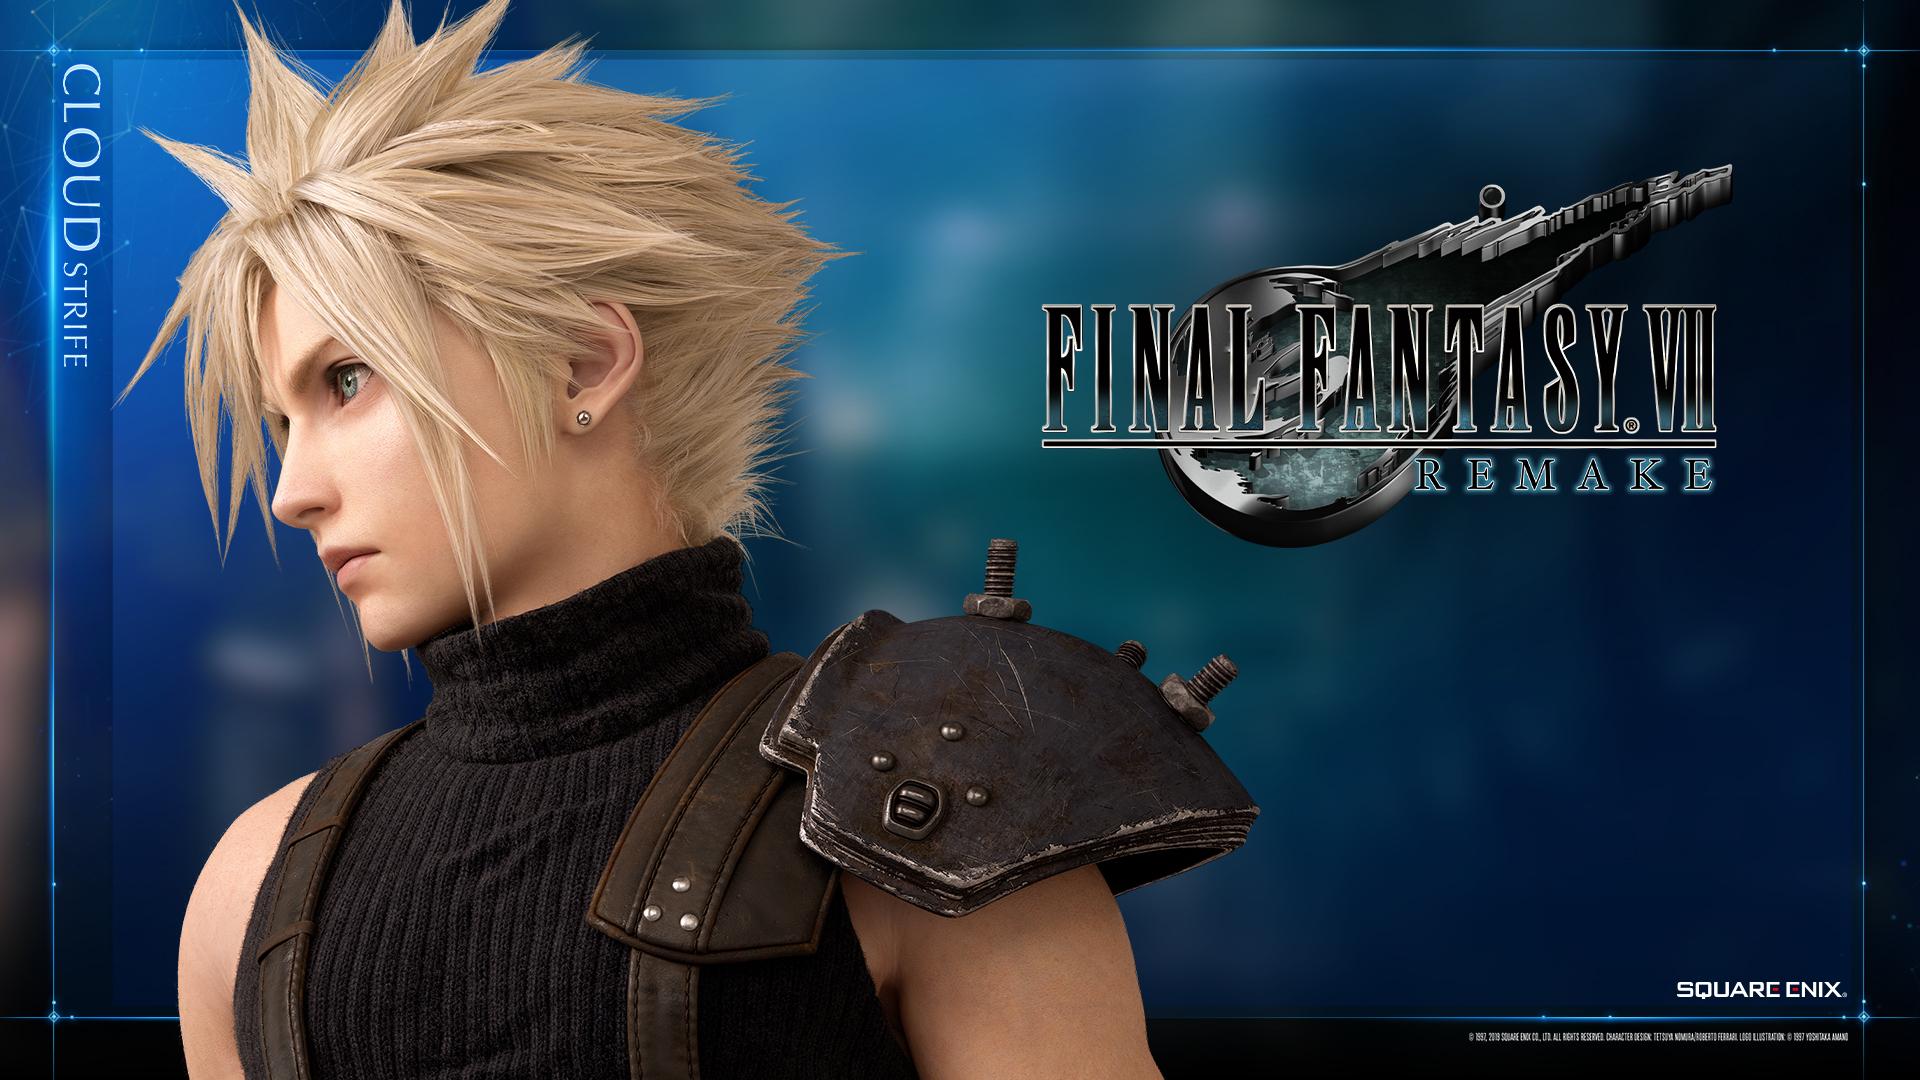 Final Fantasy Vii Remake Gets Official Wallpaper Of - Cloud Strife Final Fantasy 7 Remake - HD Wallpaper